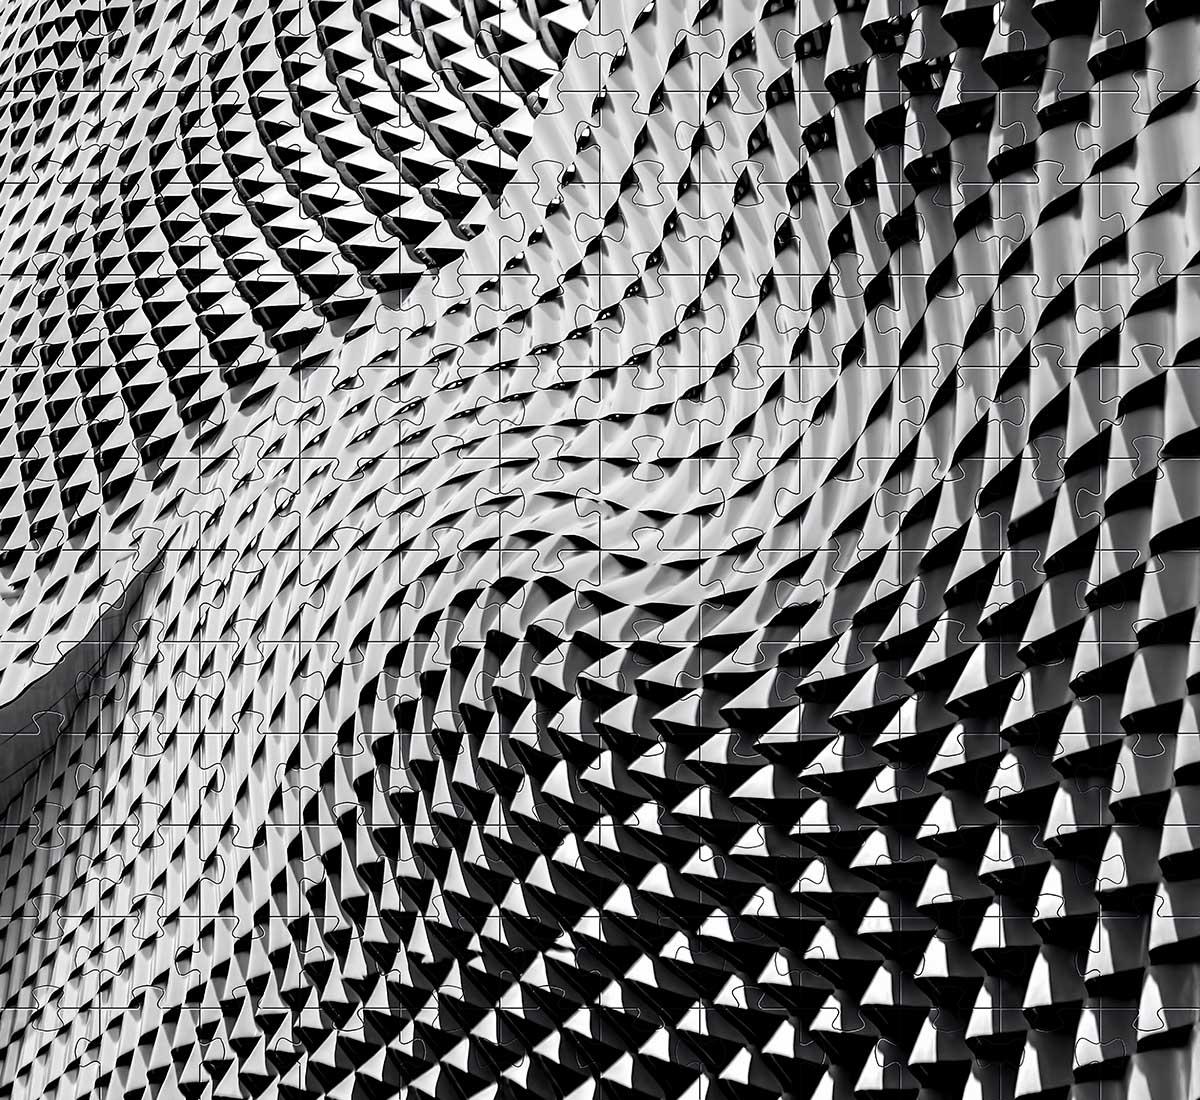 Quebra-cabeça dificil para adultos linha Abstract Secret 165 peças - black and Yellow